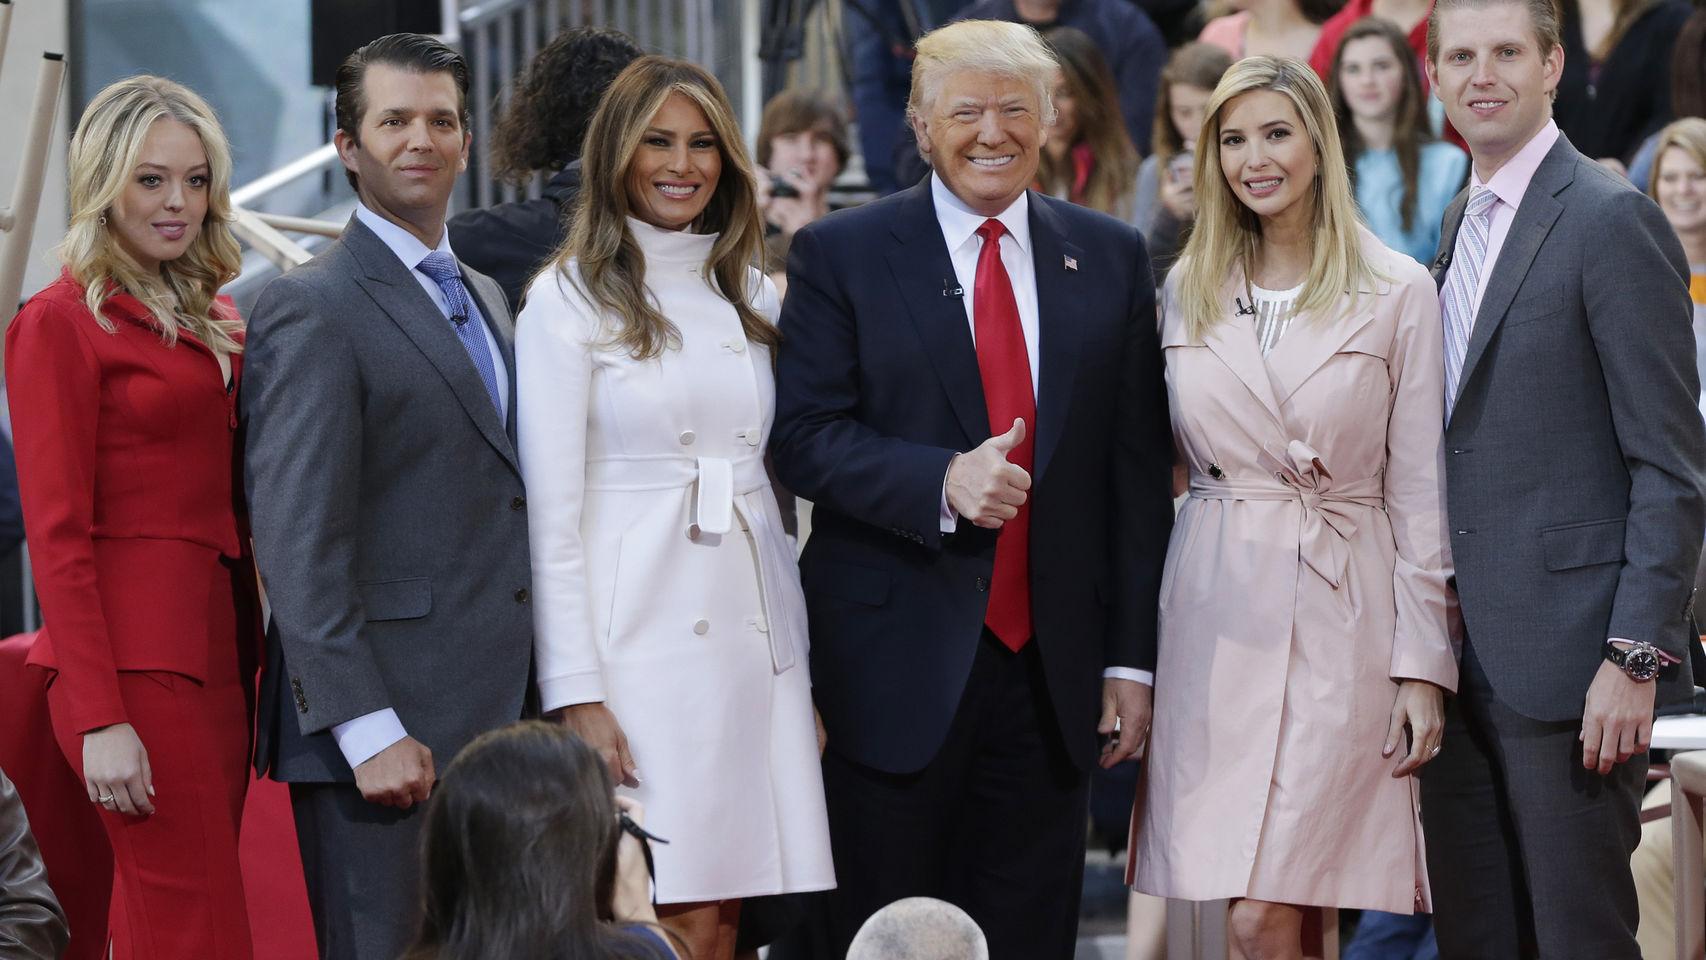 De izquierda a derecha, Tiffany, Donald Trump Jr., Melania, Donald Trump, Ivanka  EricTrump